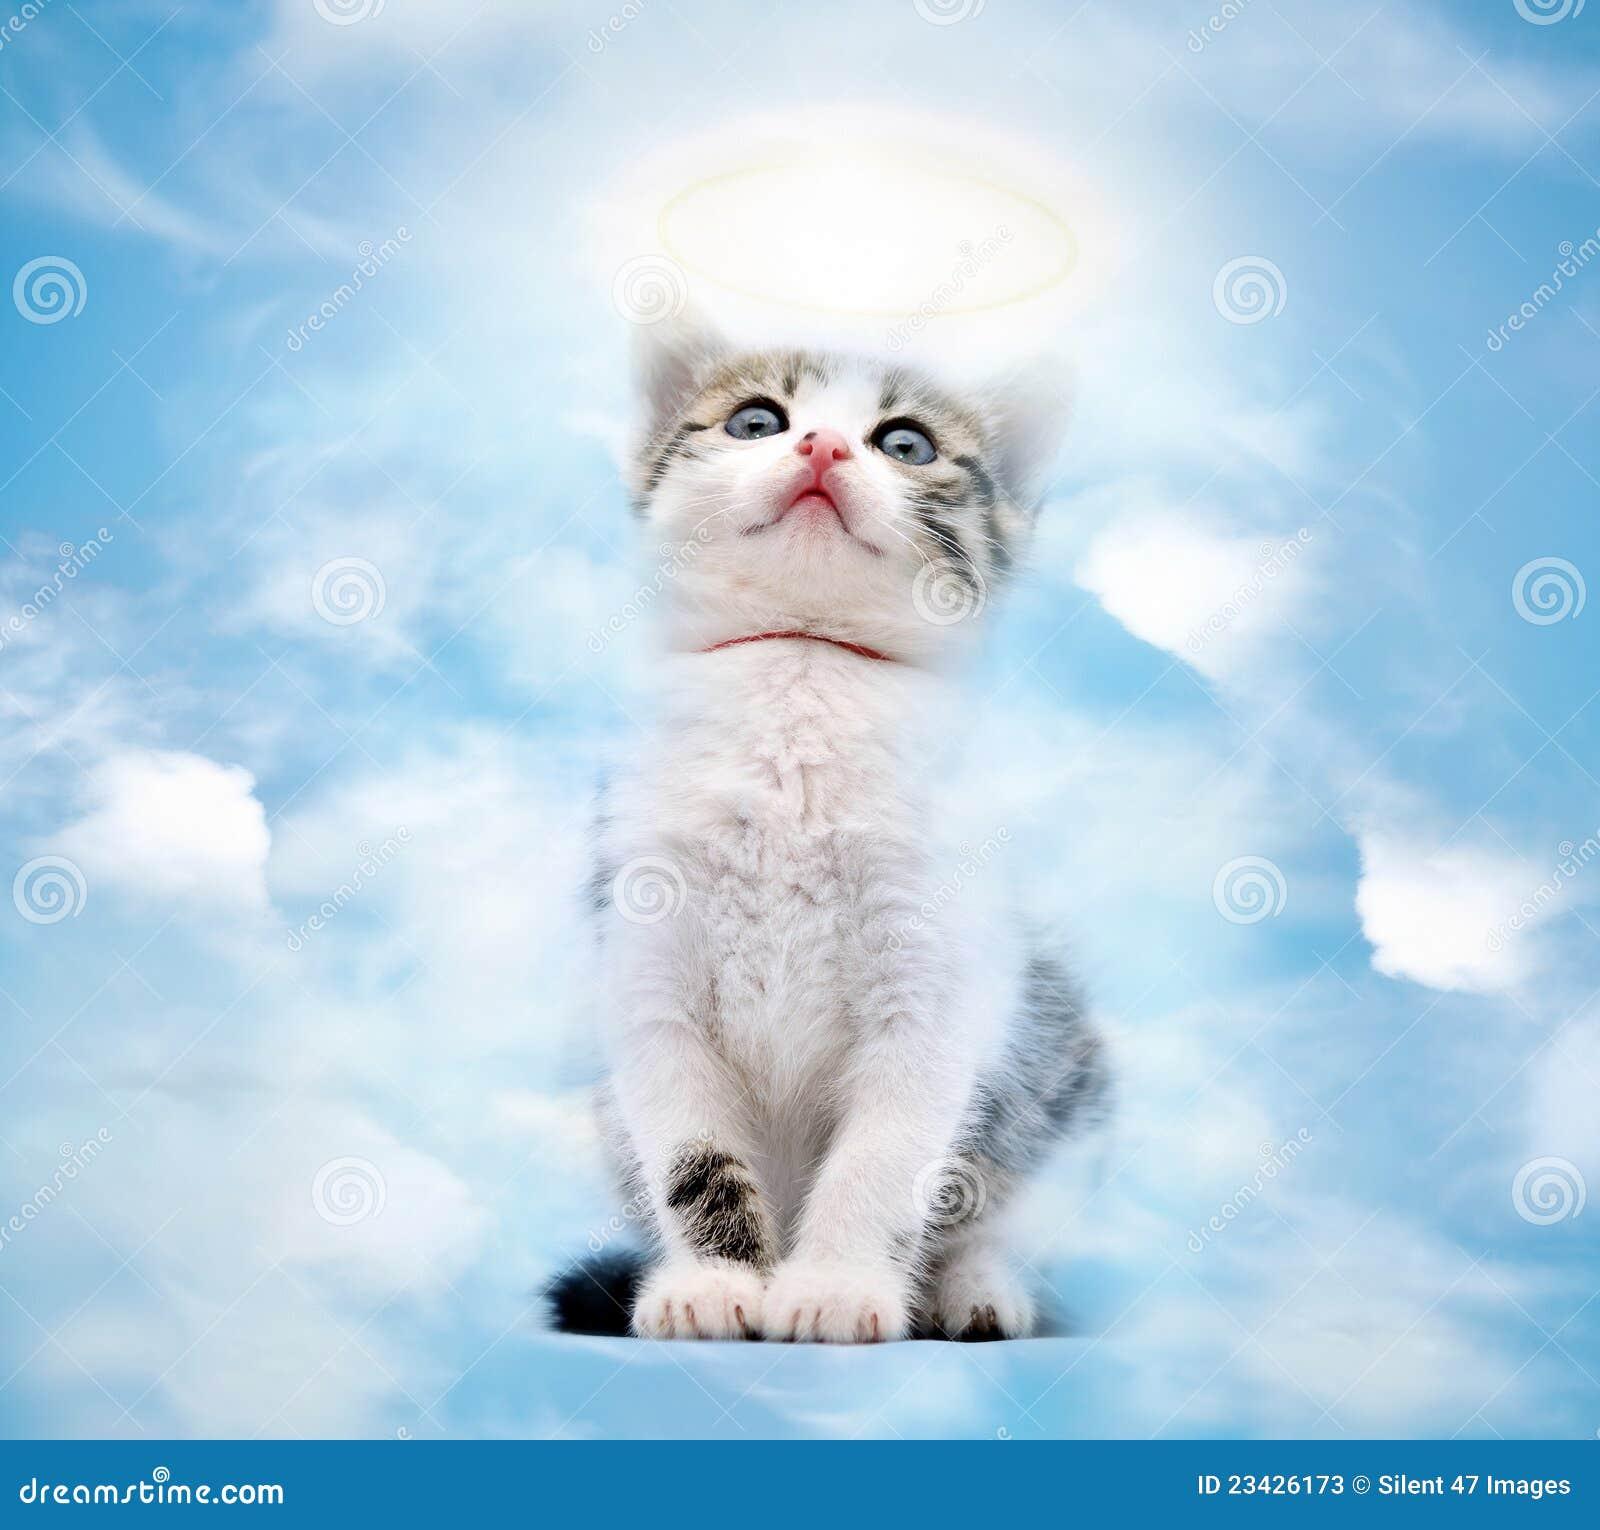 Rainbow Bridge Cat Losing A Pet